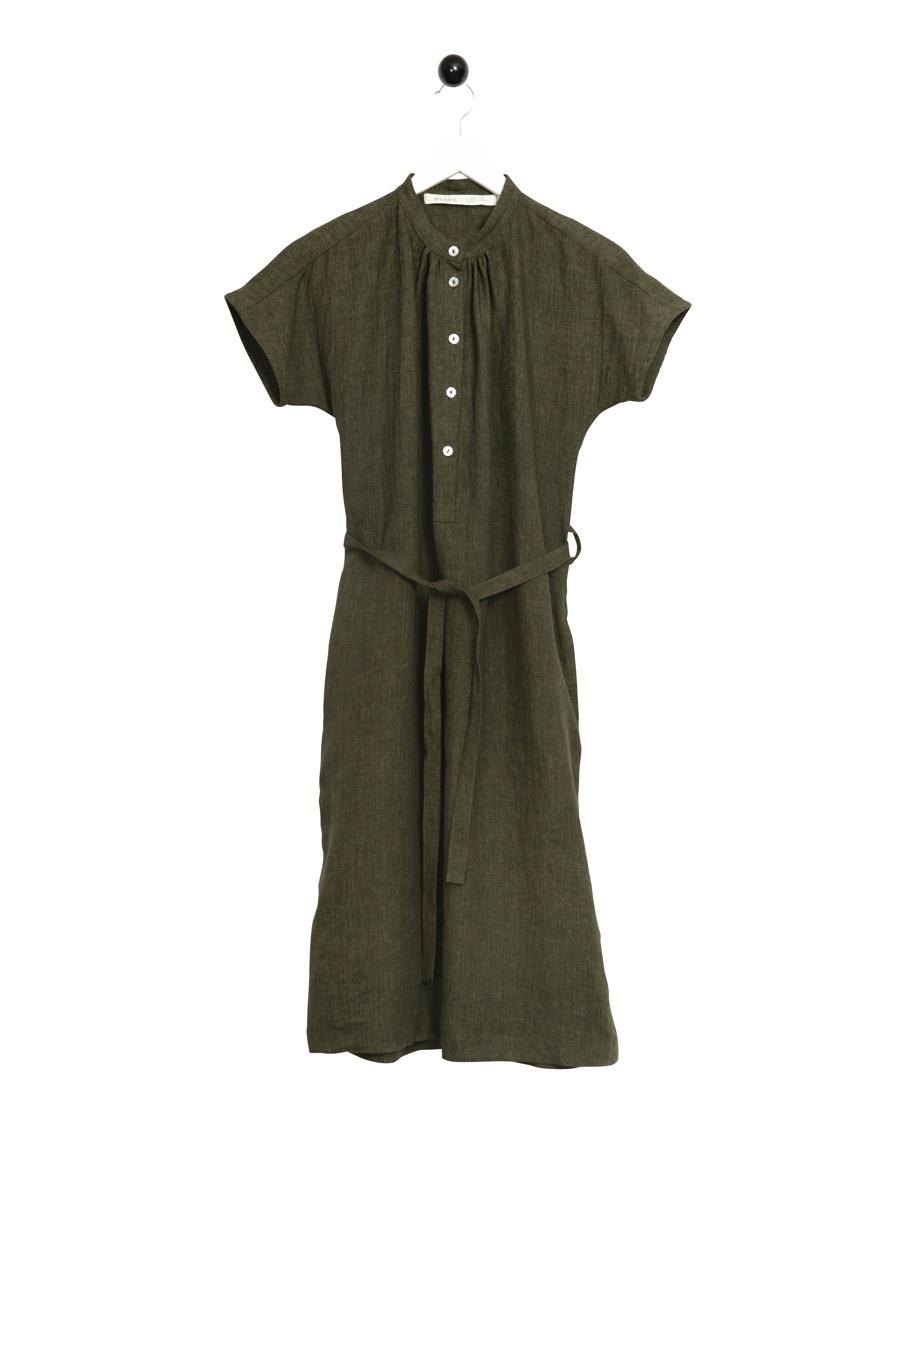 Return Menta Dress